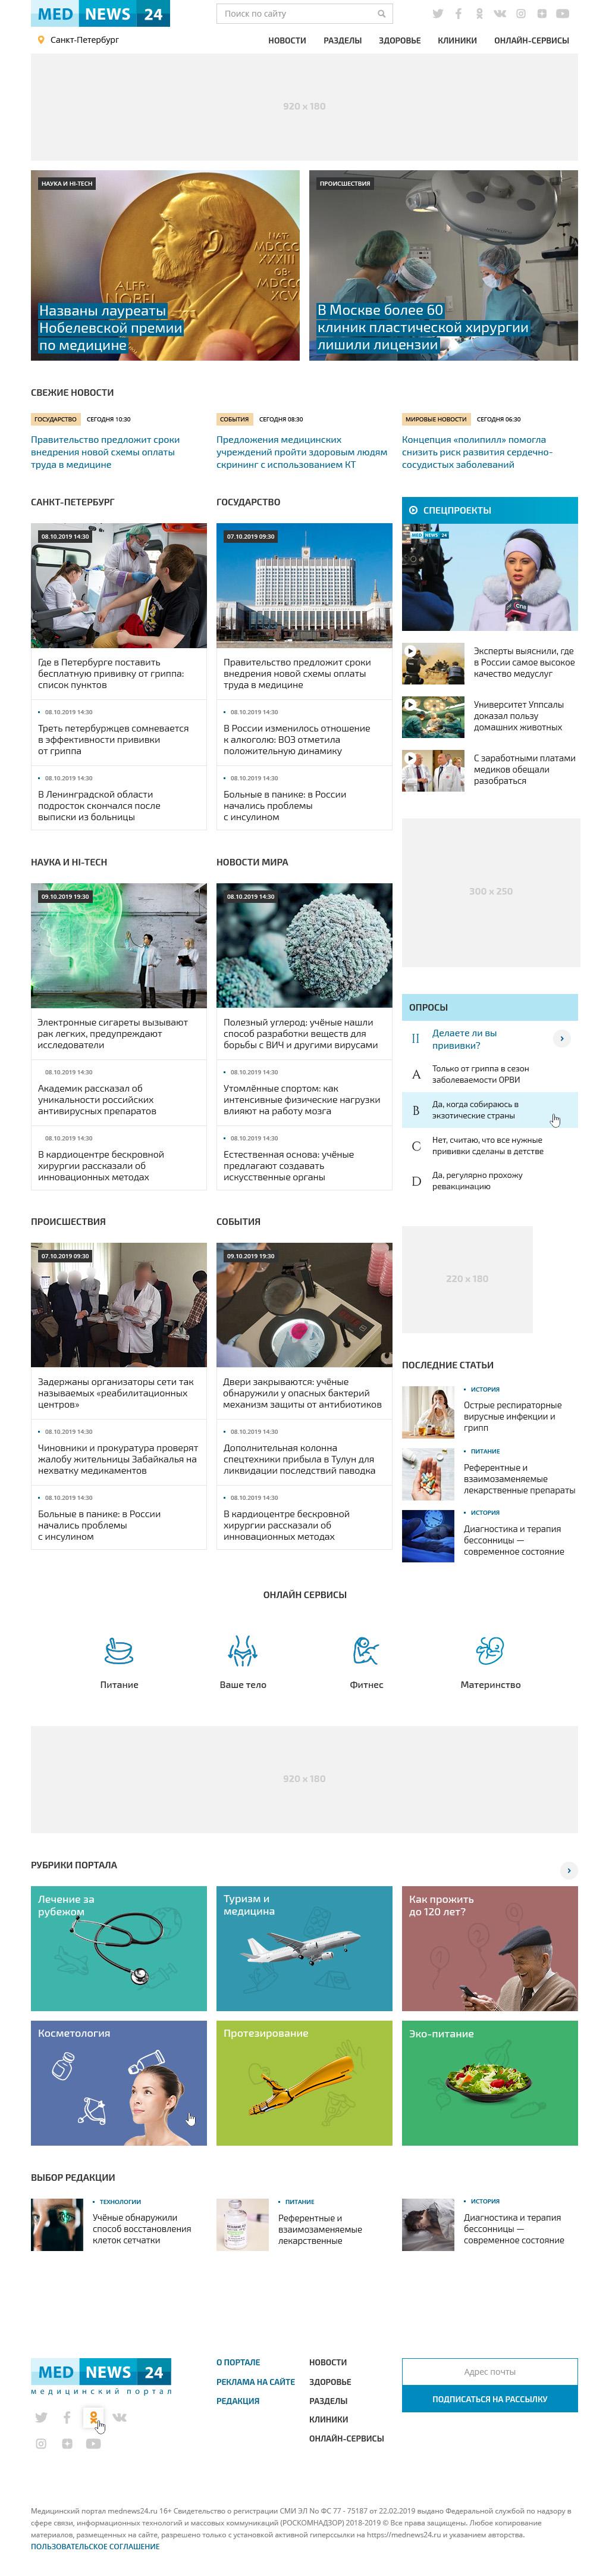 Редизайн главной страницы портала mednews24.ru фото f_6065da0b647461d6.jpg